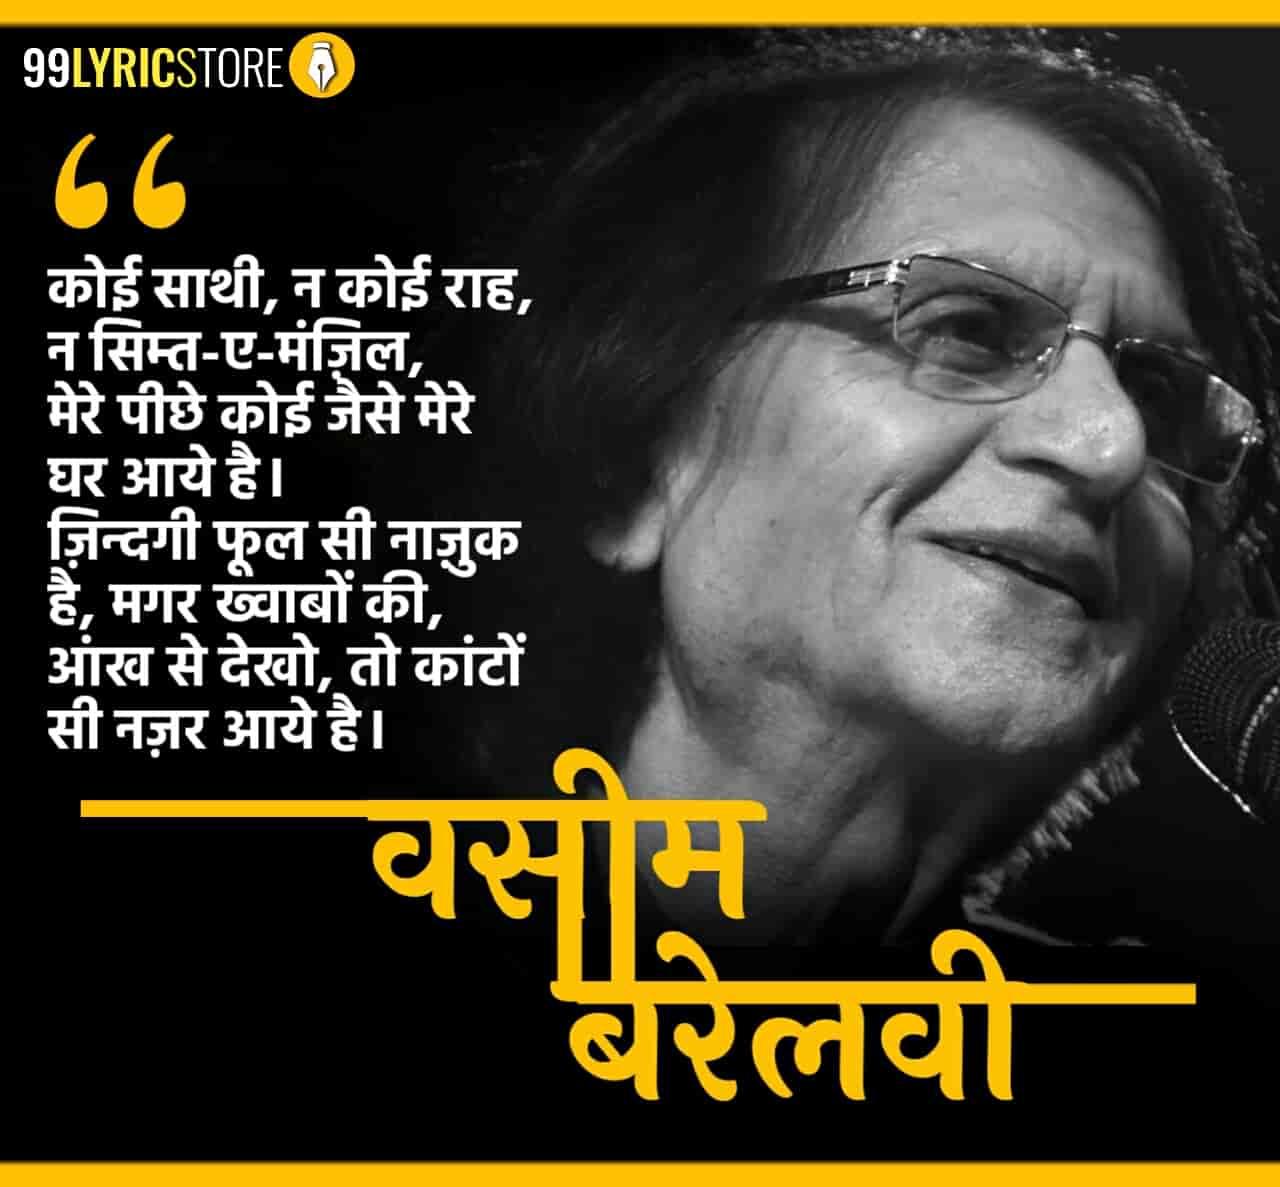 This beautiful ghazal 'Vah Jo Har Aankh Ko Paimaane Nazar Aaye Hai' has written by Waseem Barelvi.